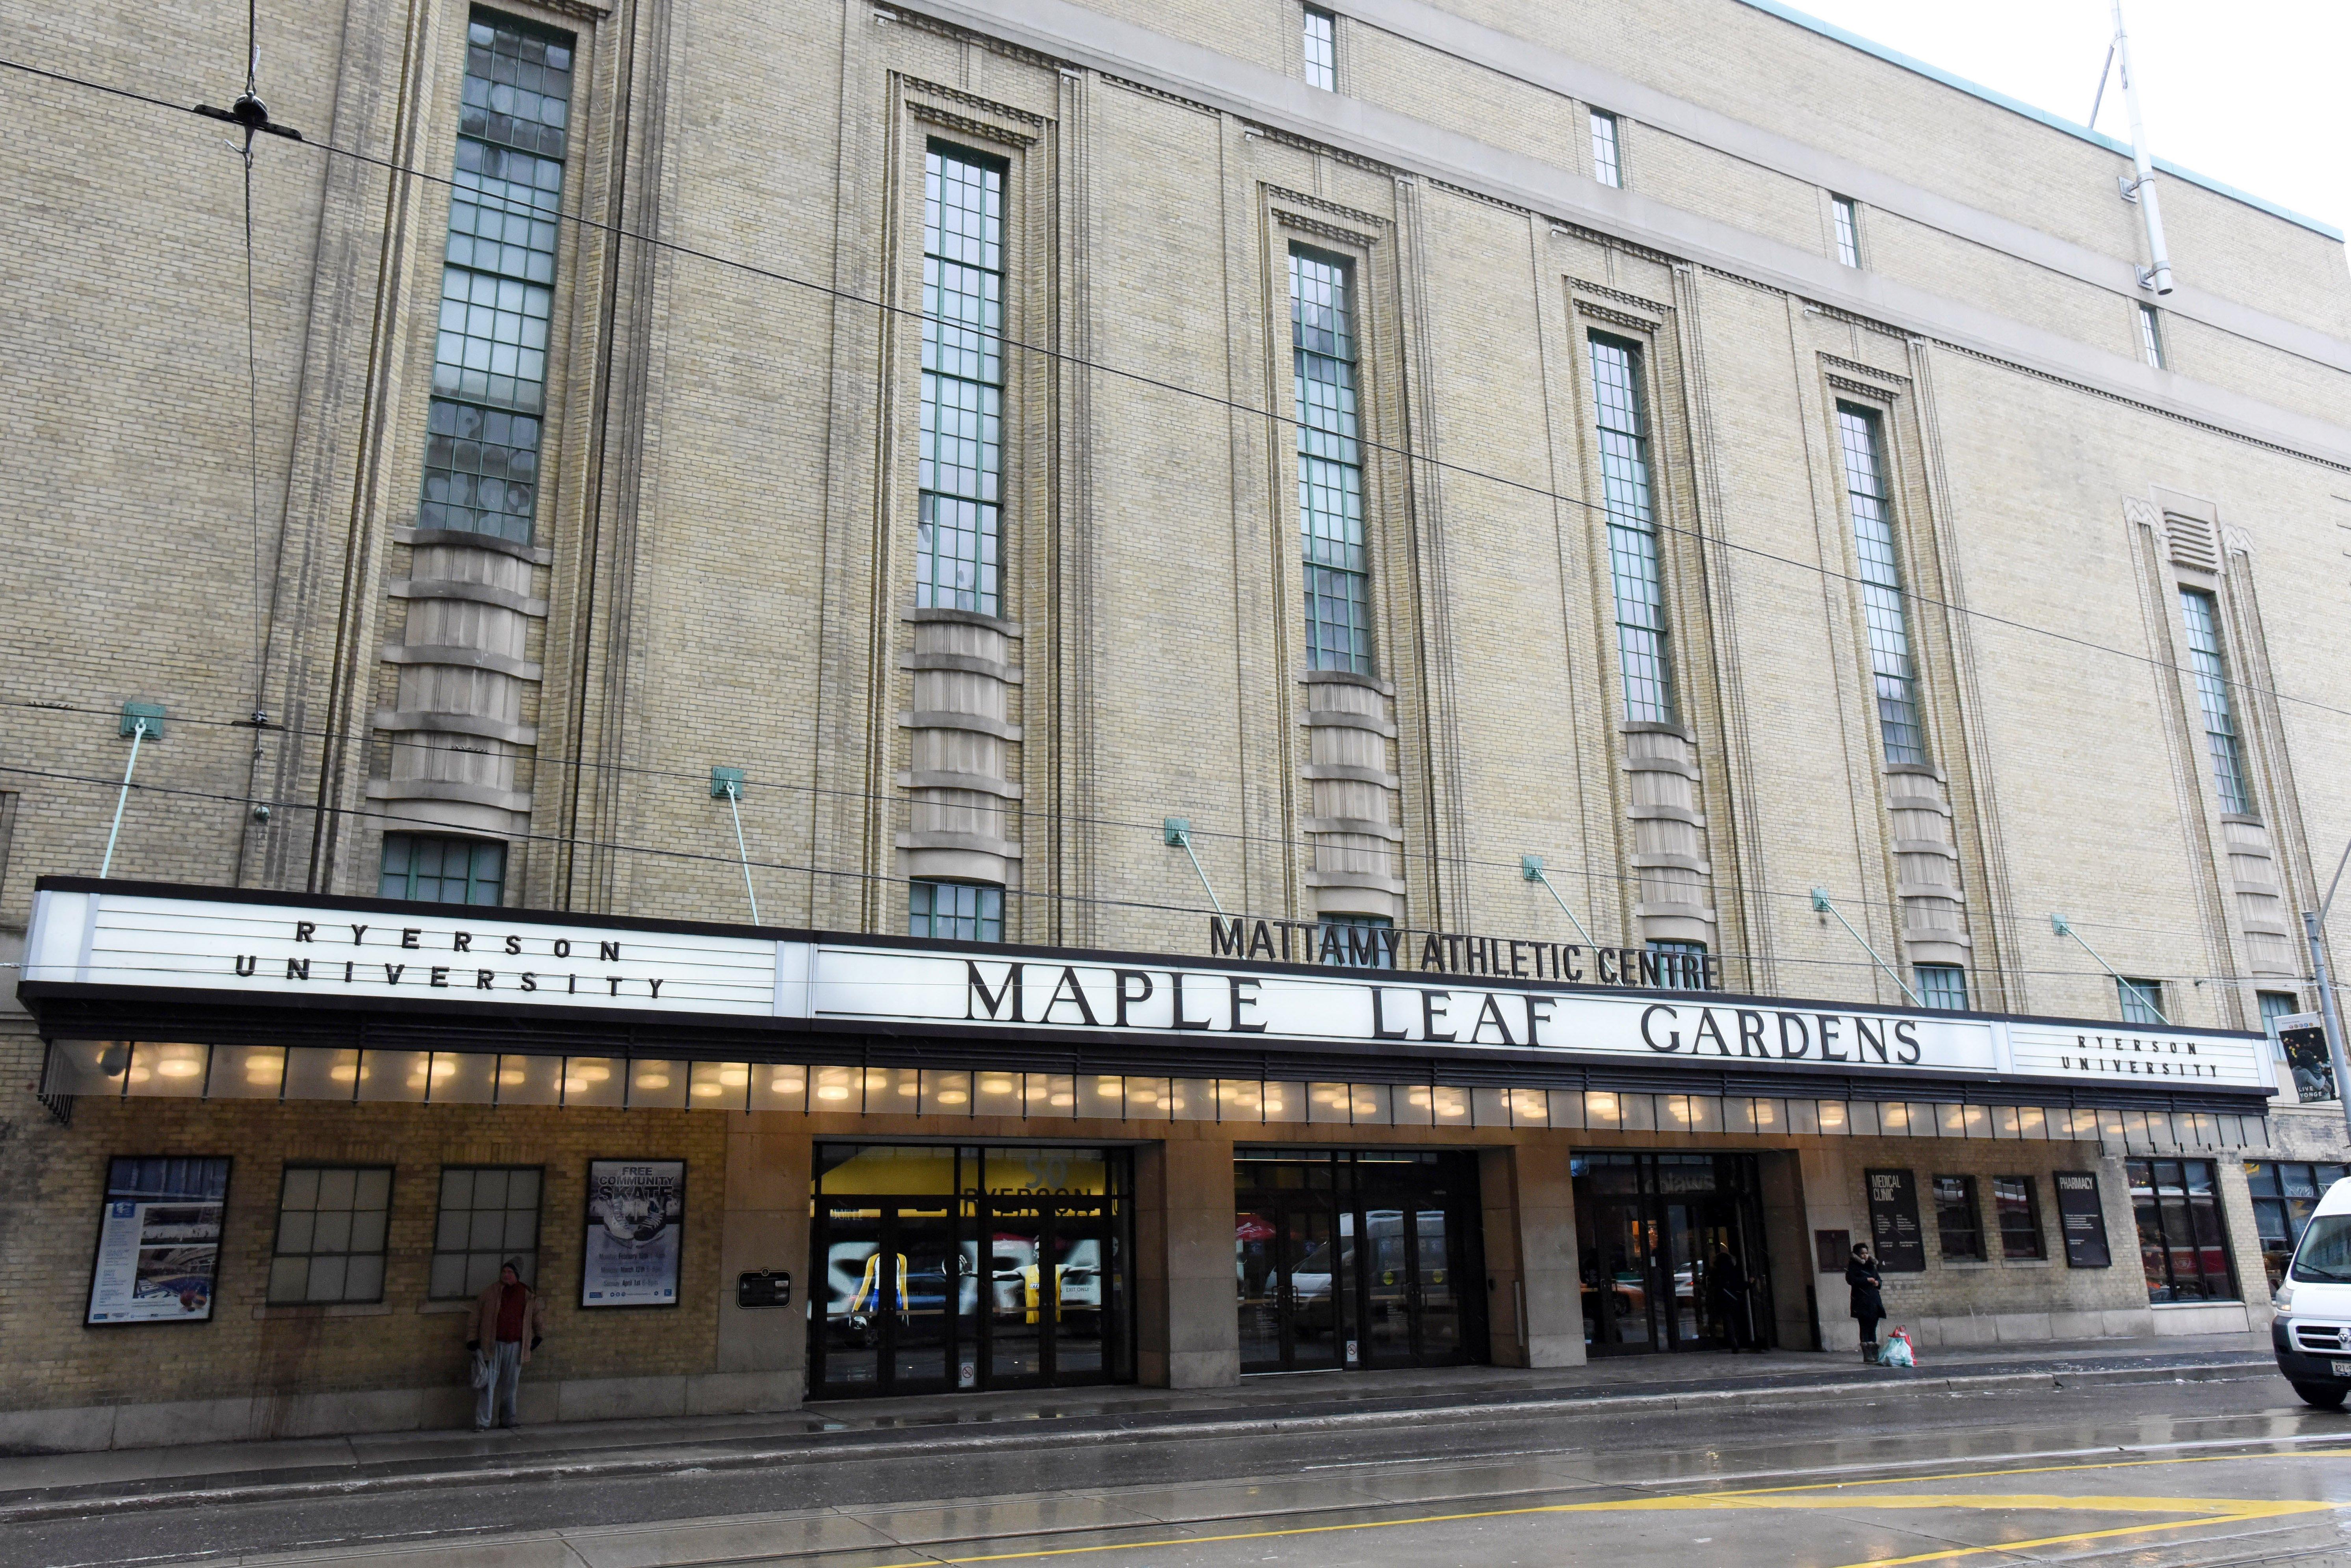 3hCC CollegeMapleLeafGardens0115 - Loblaws Maple Leaf Gardens Walk In Clinic